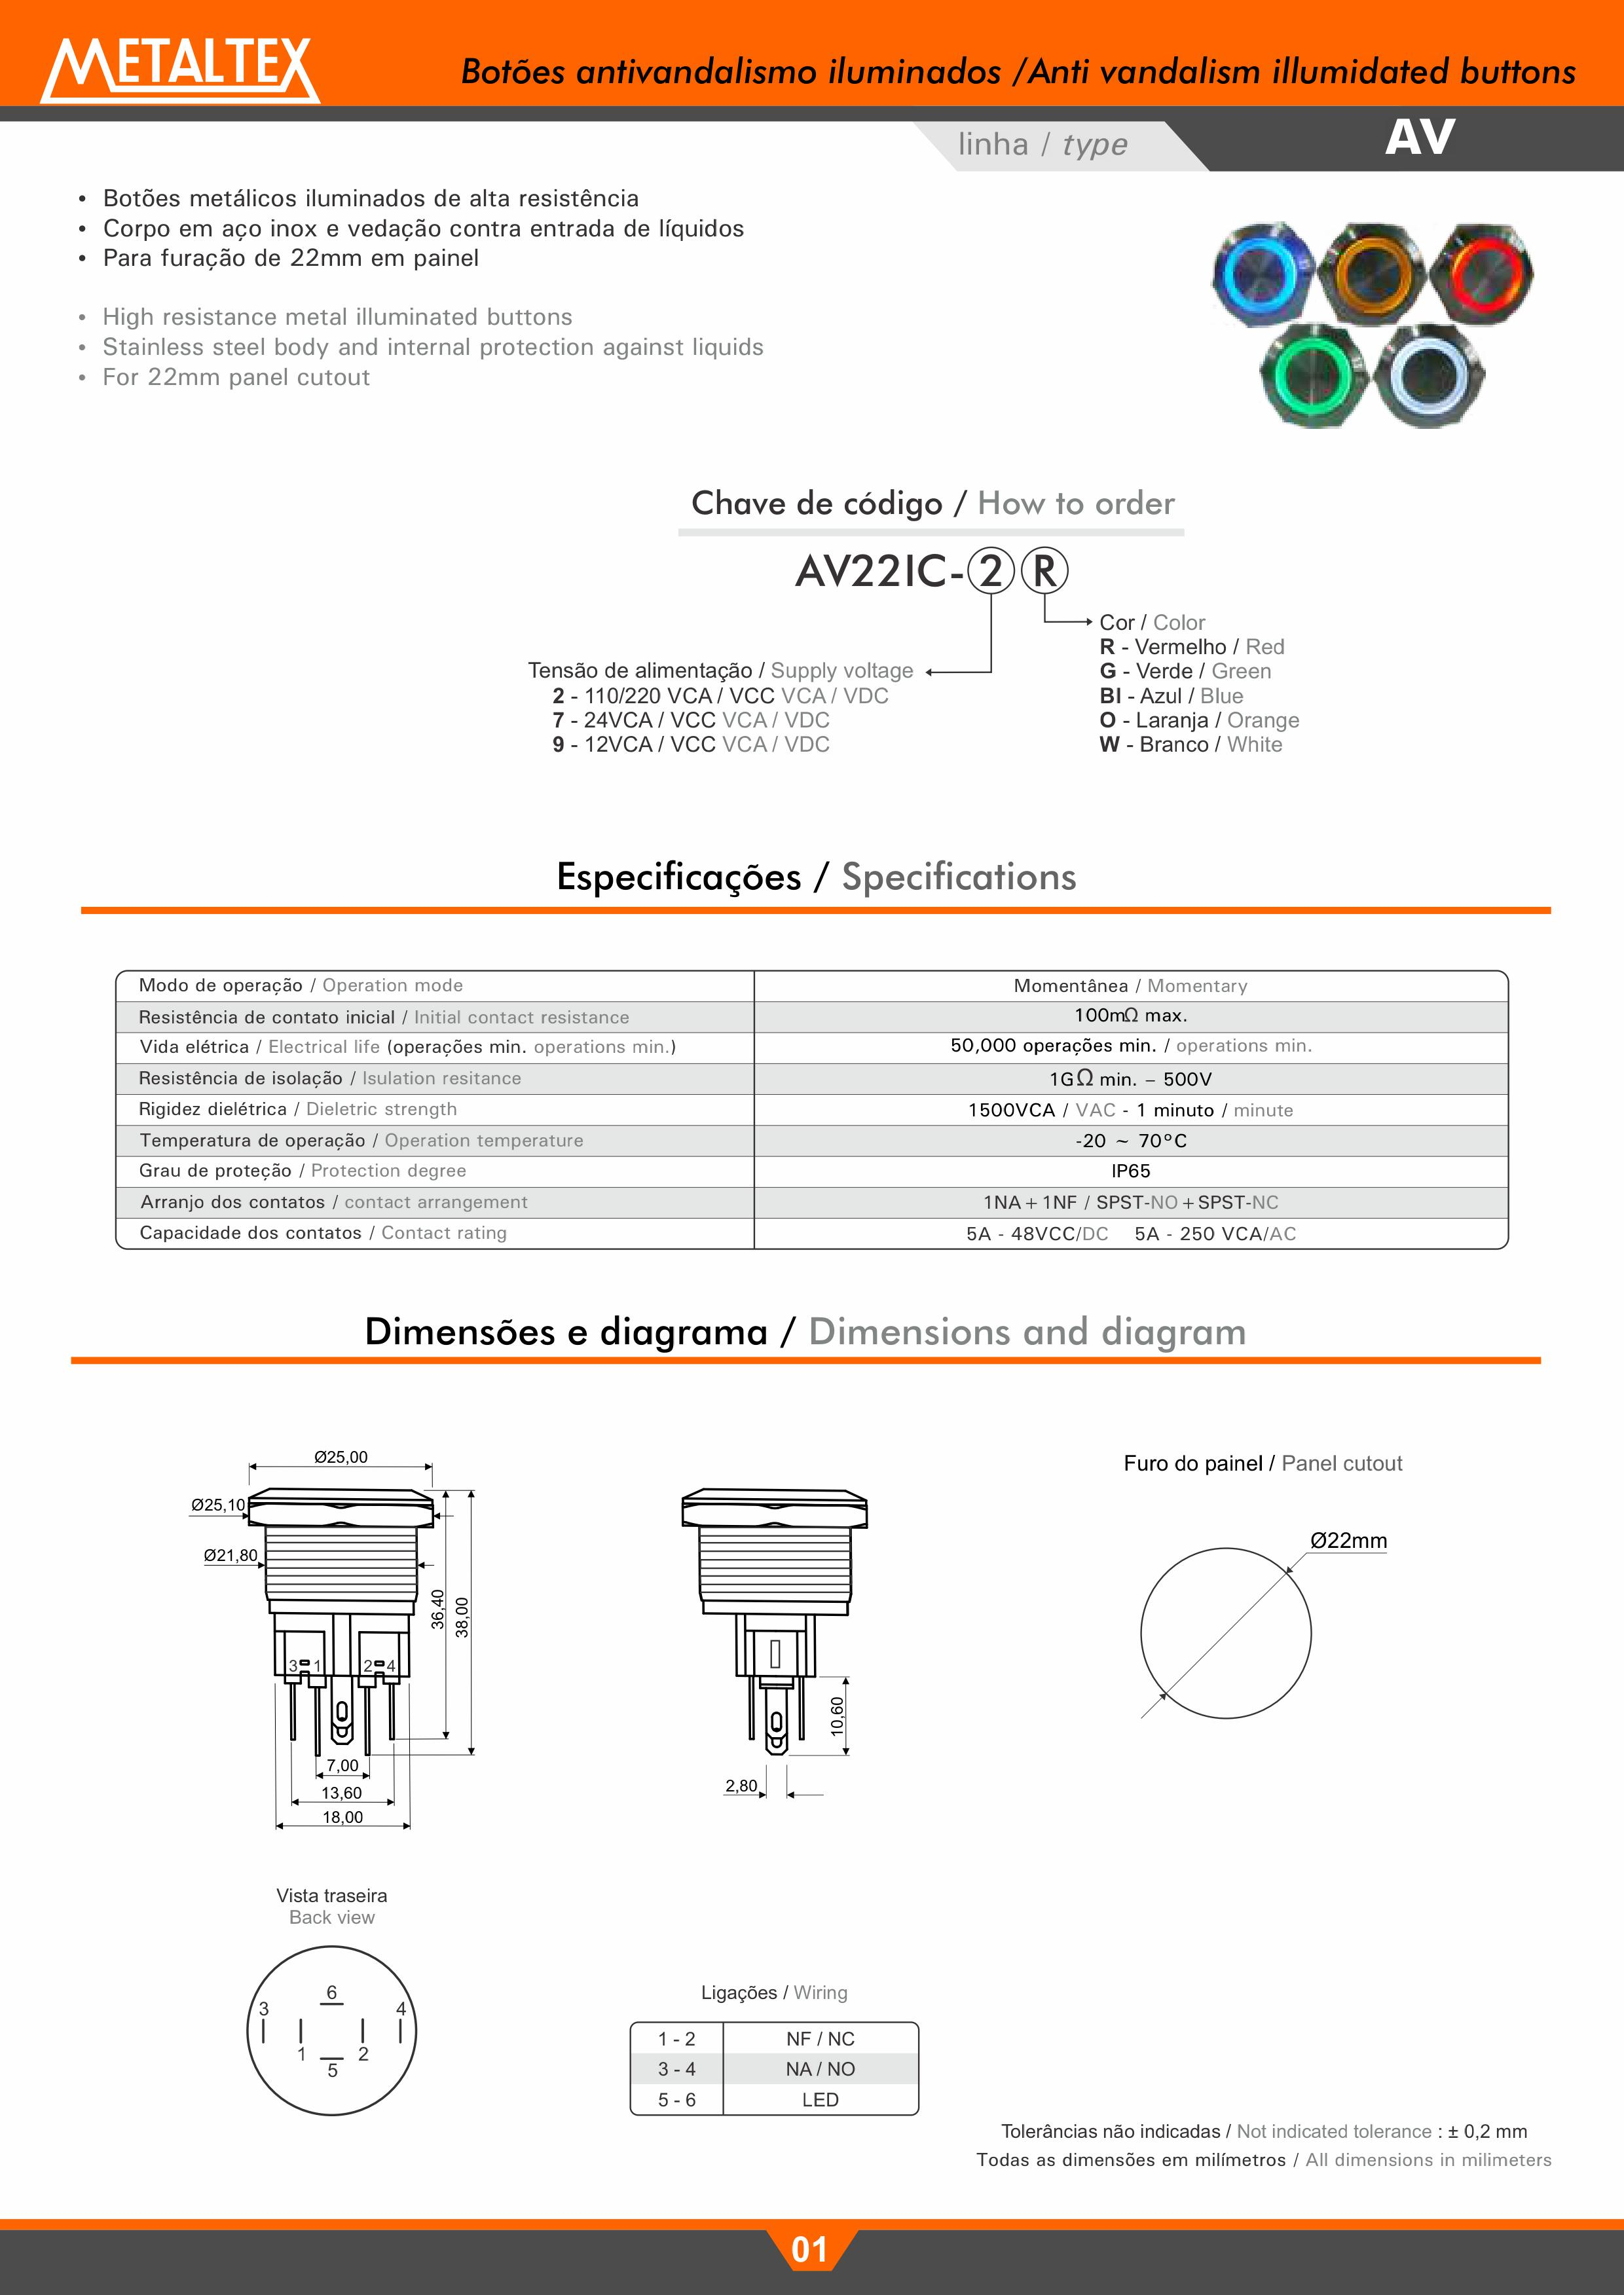 AUTOMAÇÃO METALTEX BOTAO ANTIVANDALISMO ILUMINADO AZUL 22MM-110/220VCA/CC AV22IC-2BL